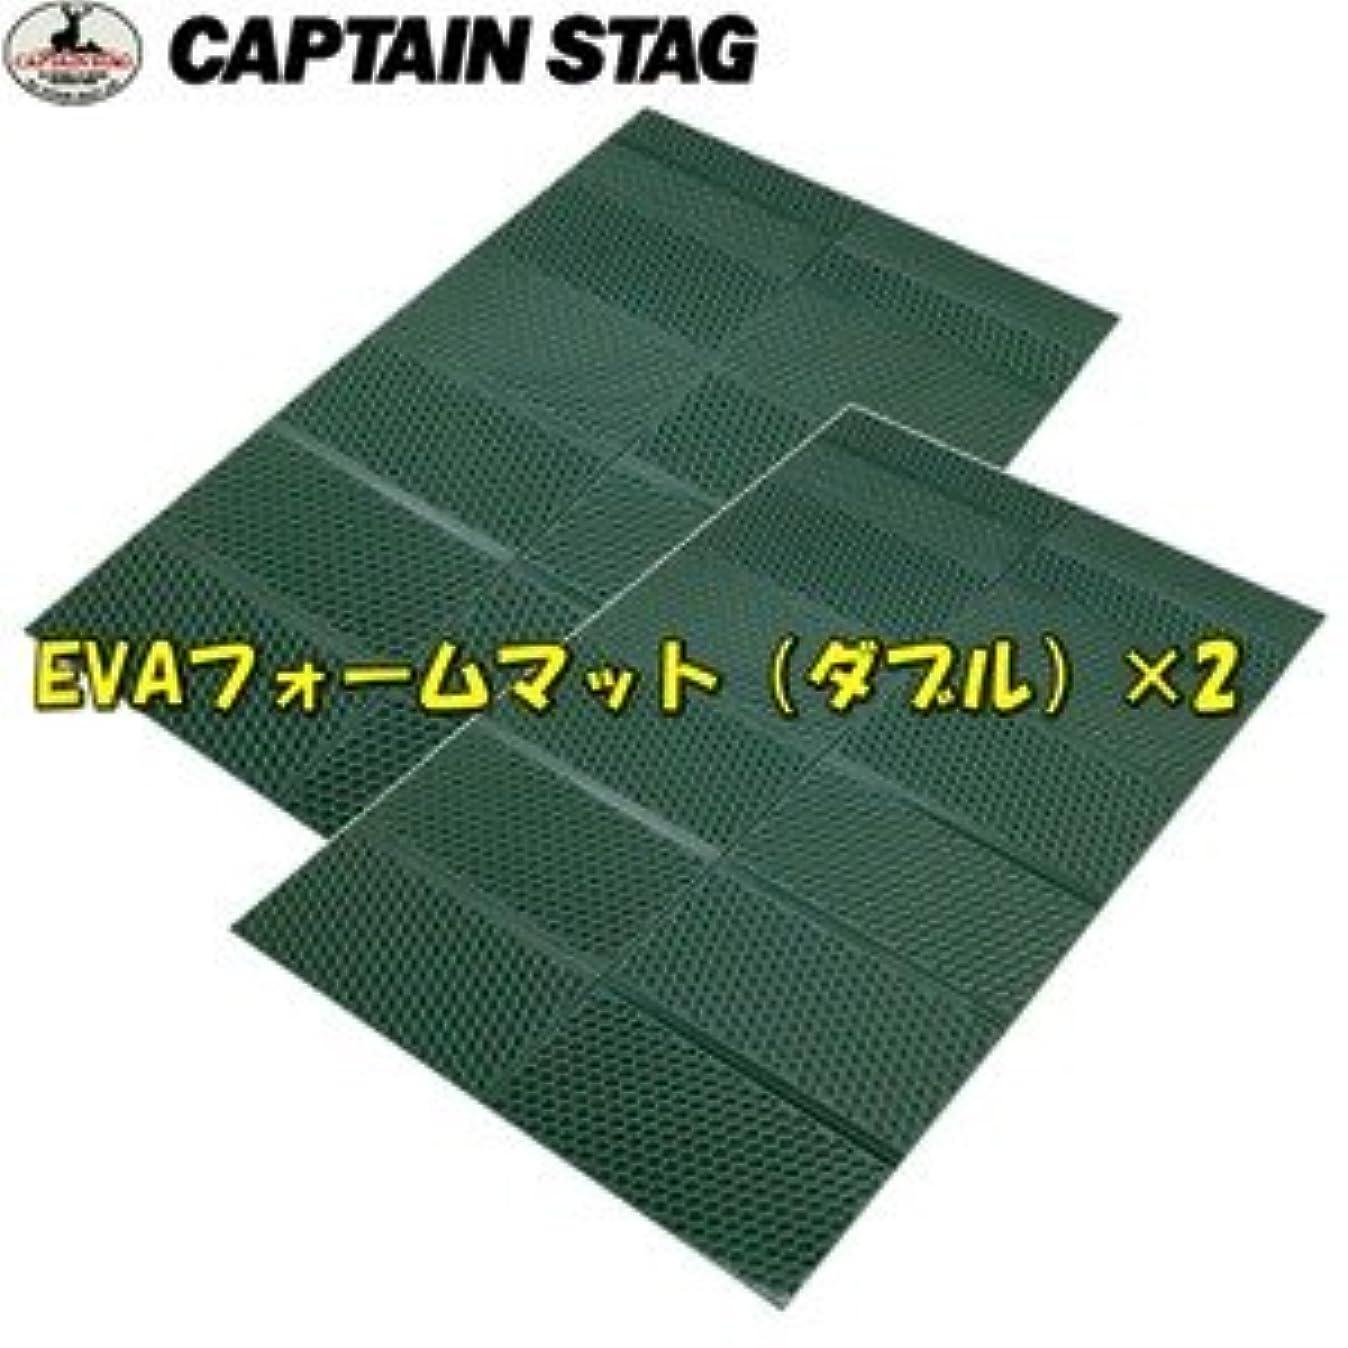 任命するレタス津波キャプテンスタッグ(CAPTAIN STAG) EVAフォームマット(ダブル)×2【お得な2点セット】